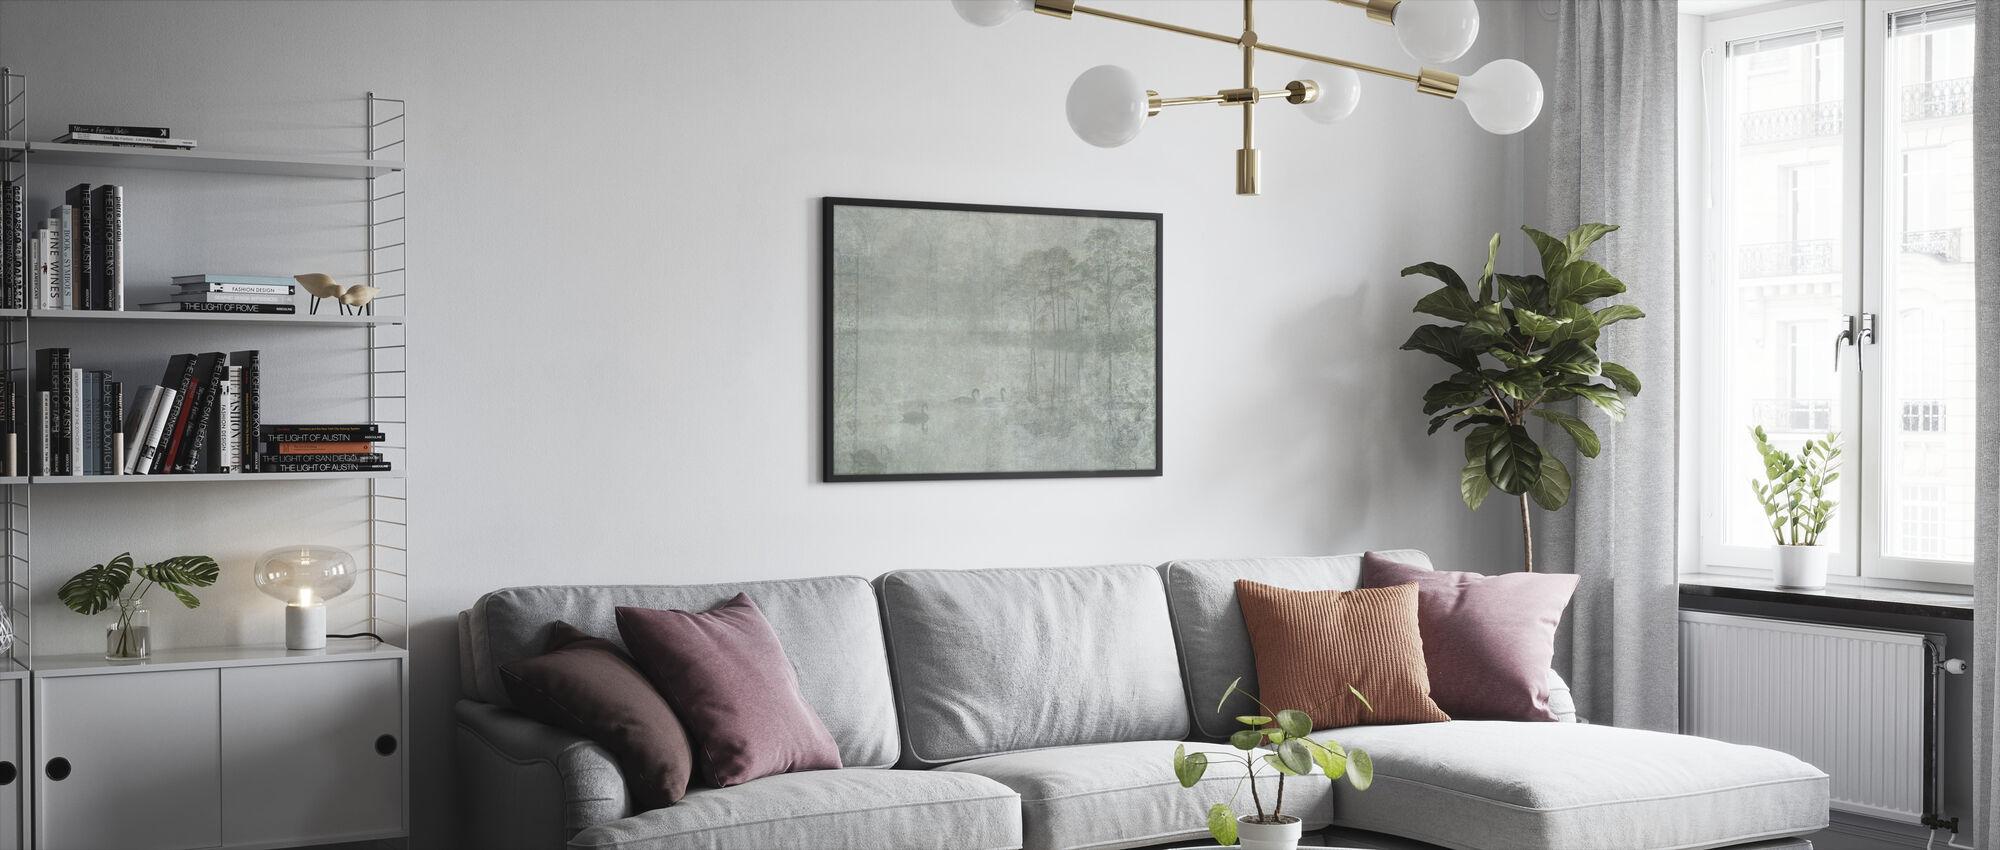 Reminiscence Series Swan - Framed print - Living Room